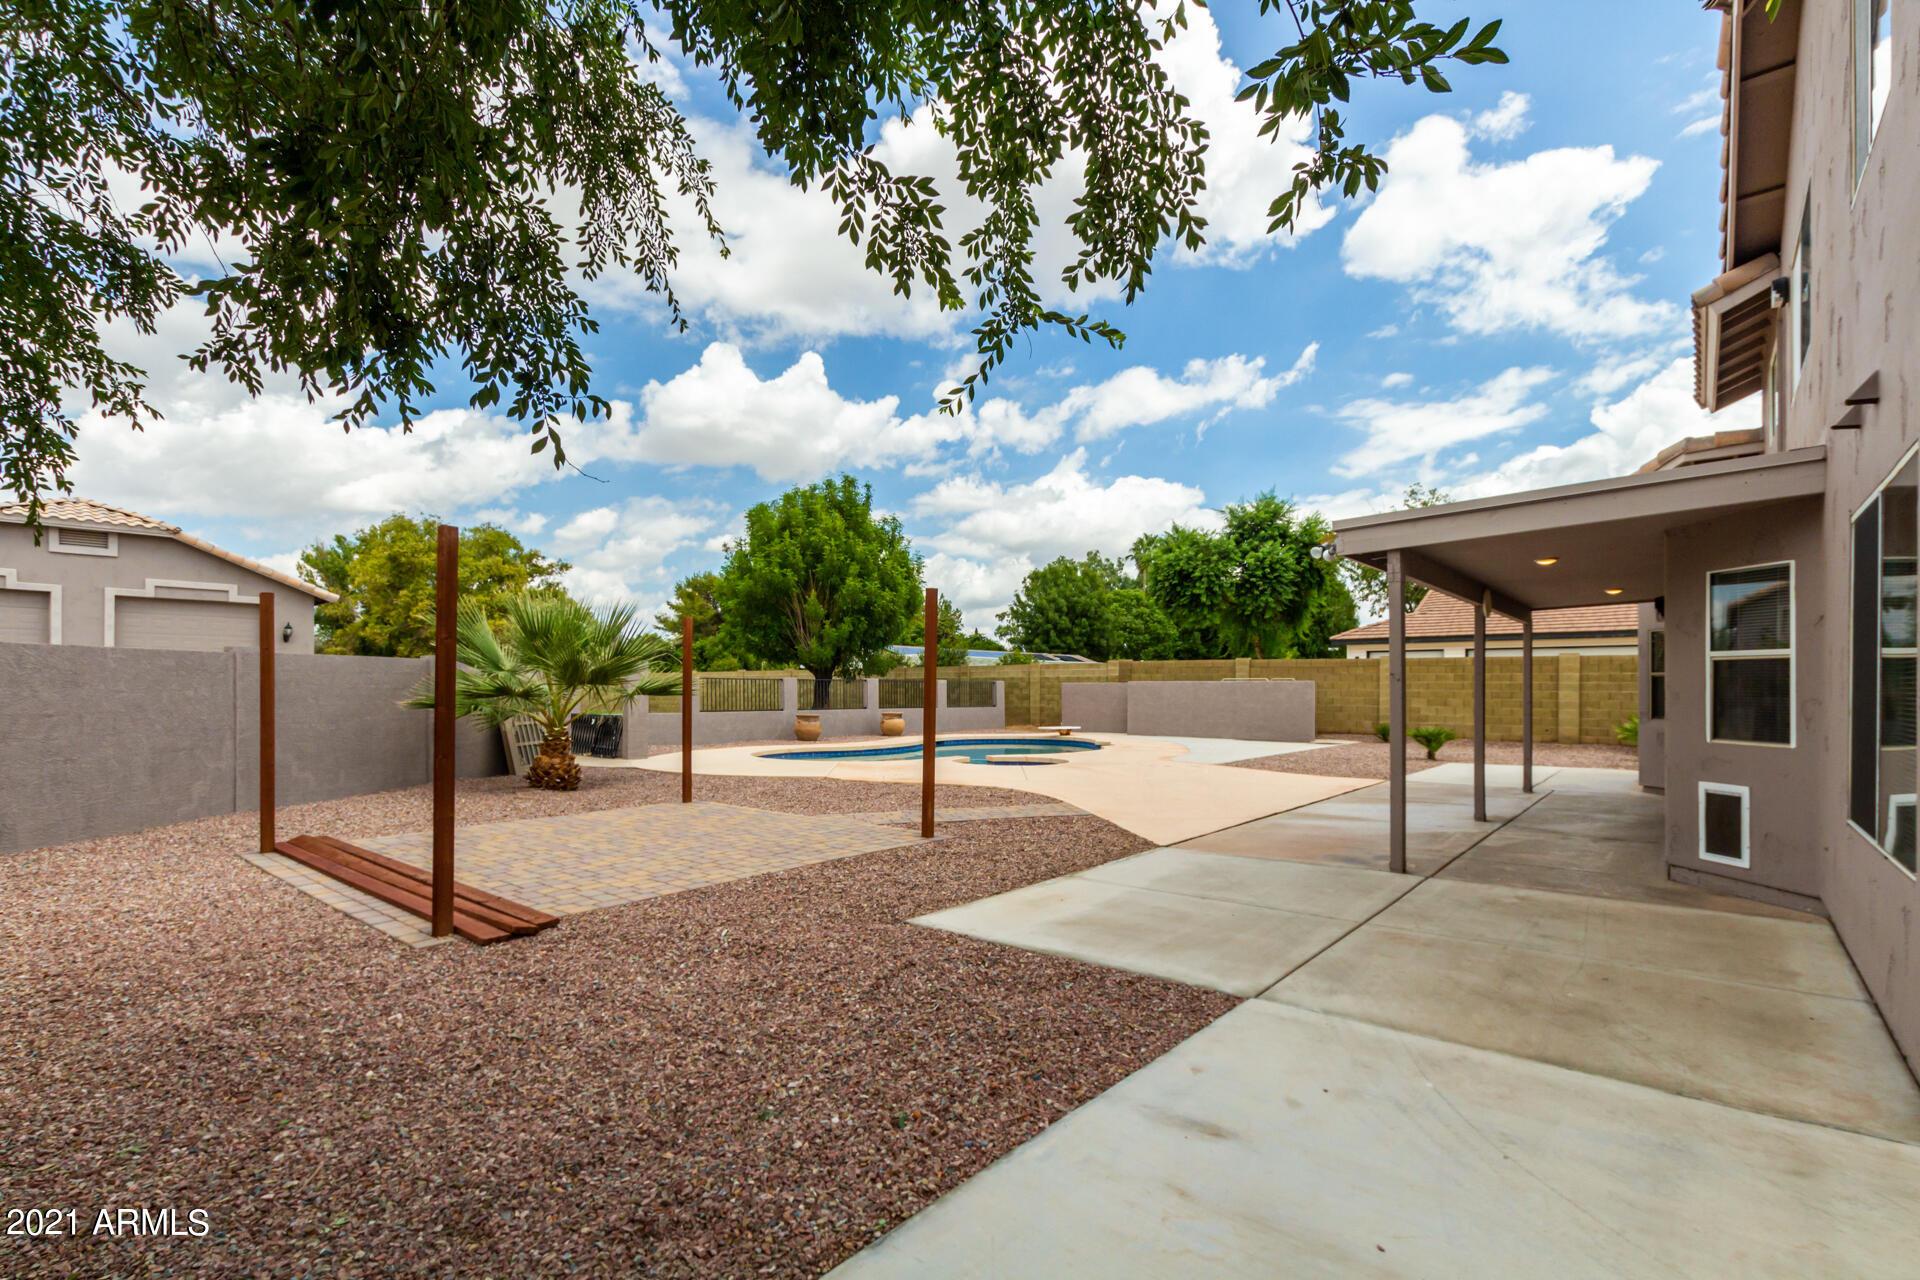 MLS 6275481 414 E CAMPBELL Avenue, Gilbert, AZ Gilbert Horse Property for Sale